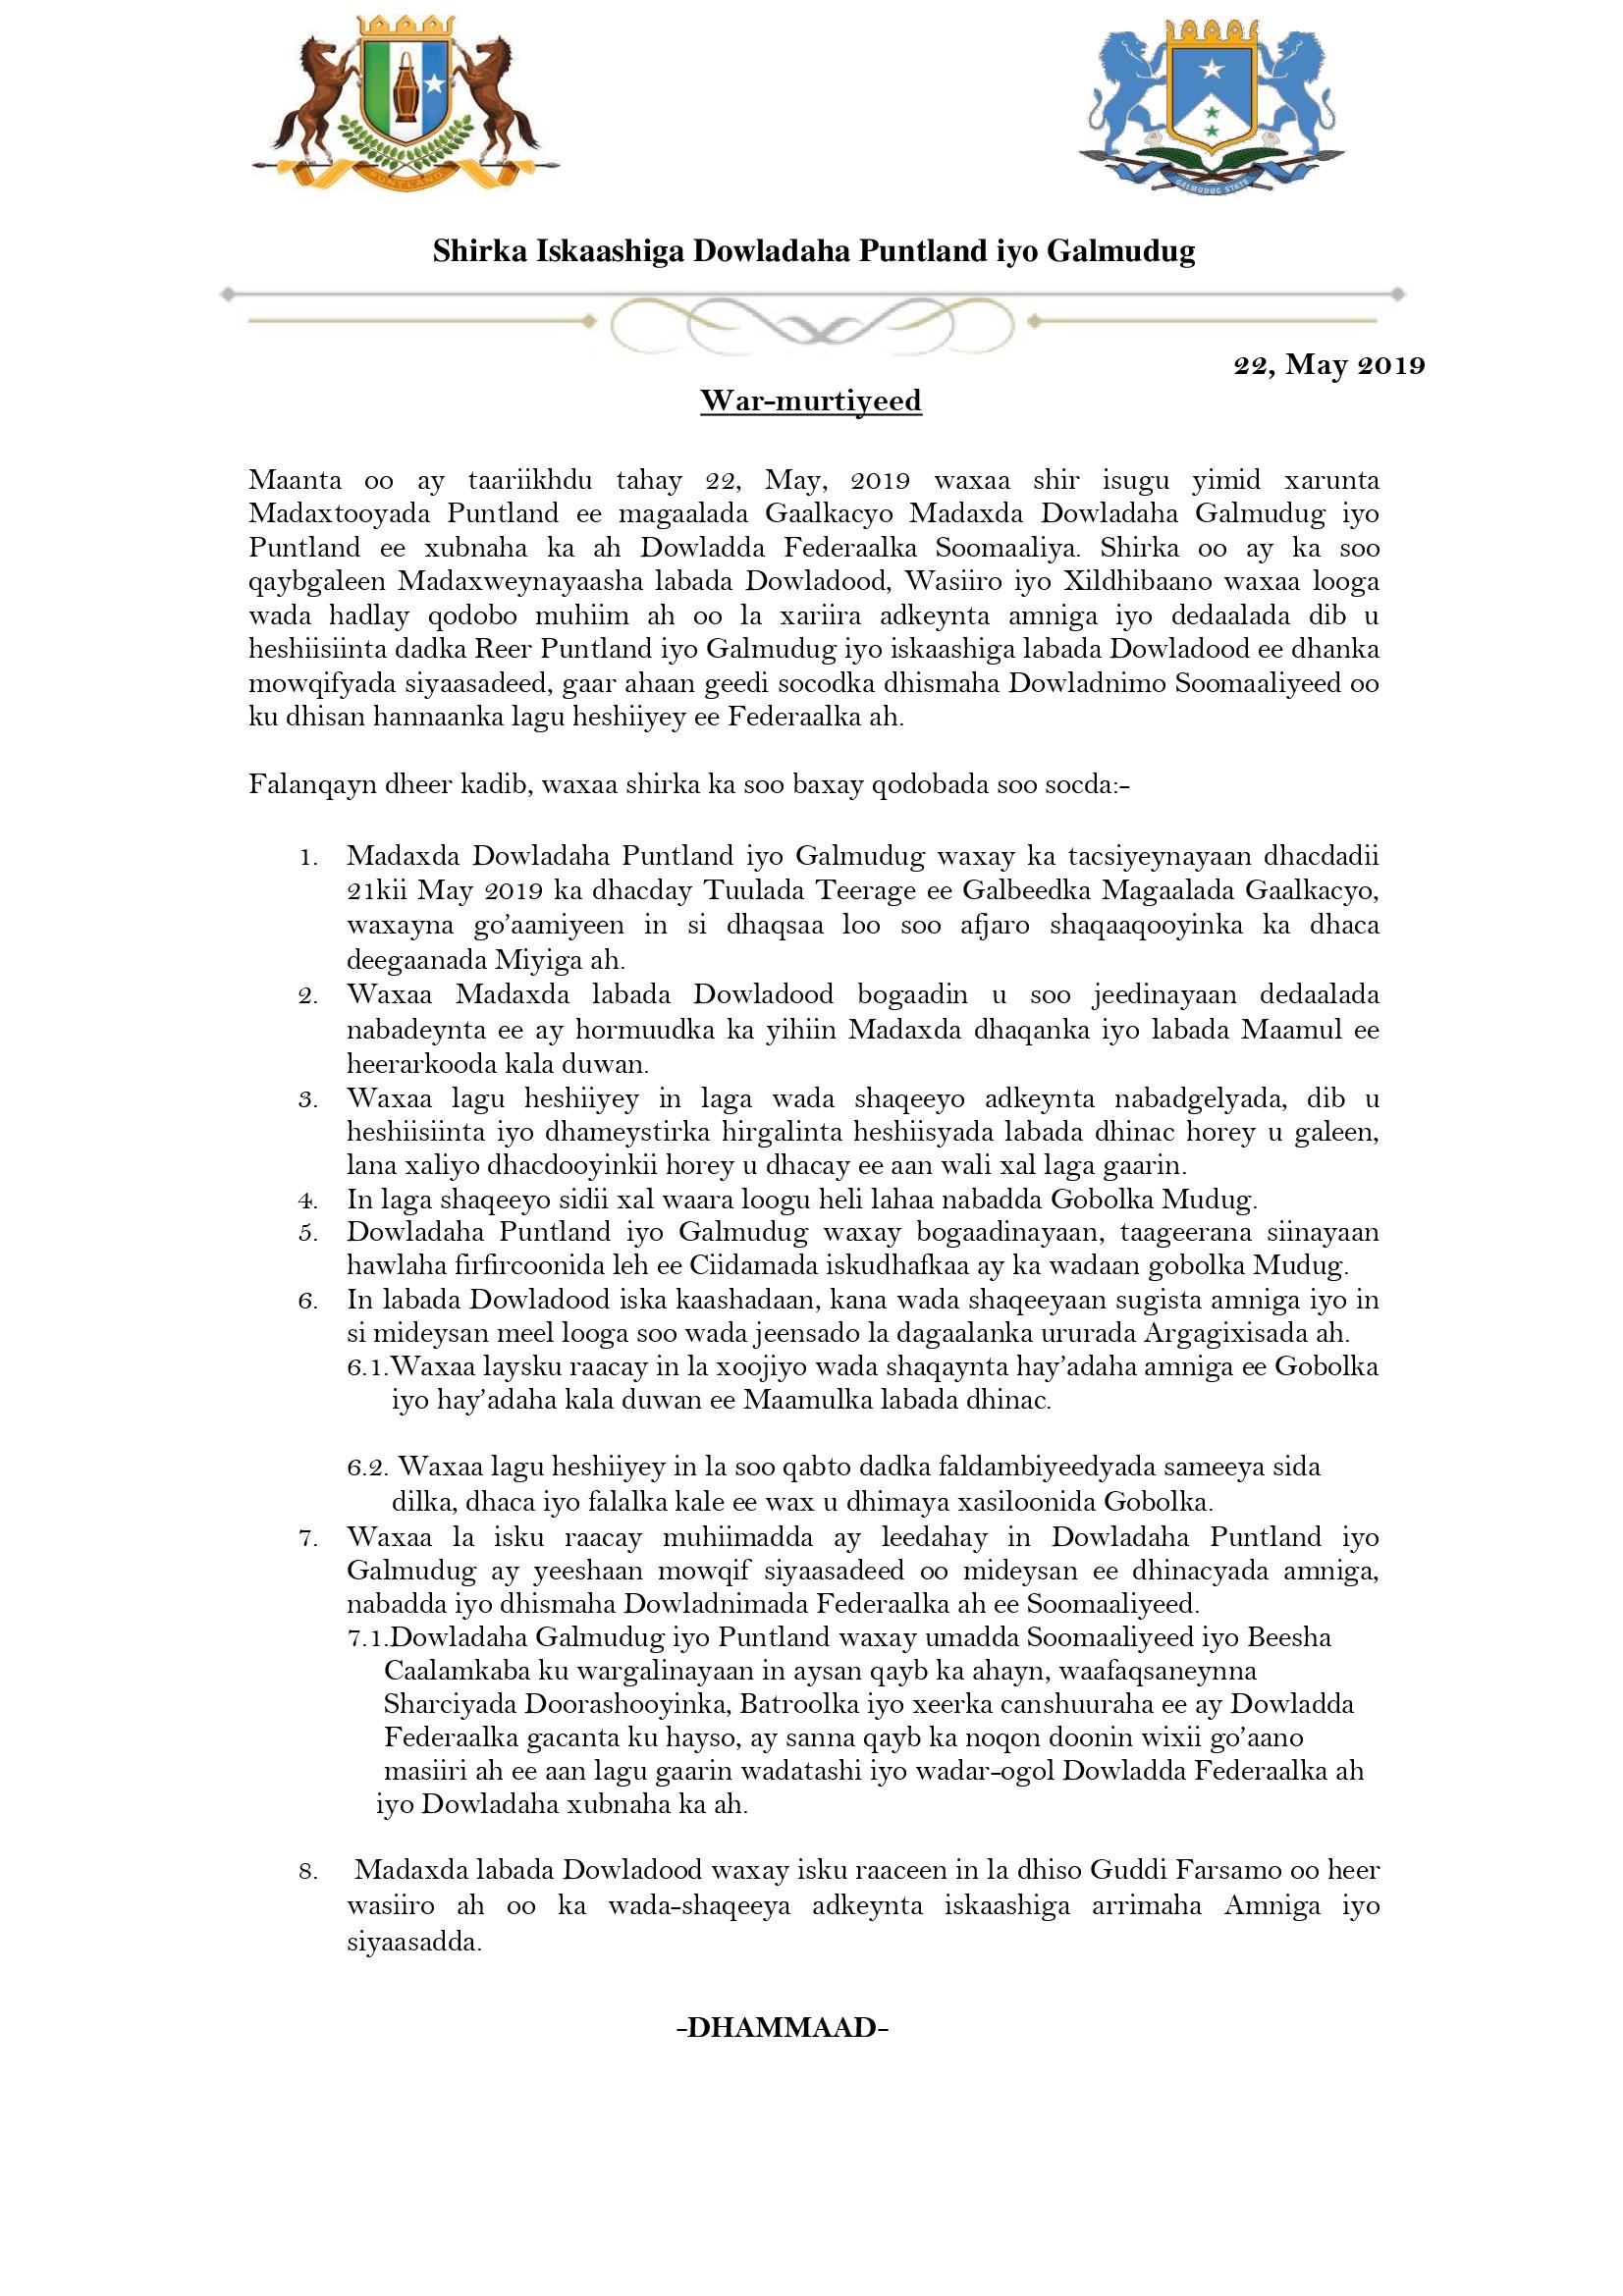 Warmurtiyeed-Shirka-Iskaashiga-Dowladdaha-PL_-GLM-iyo-KG